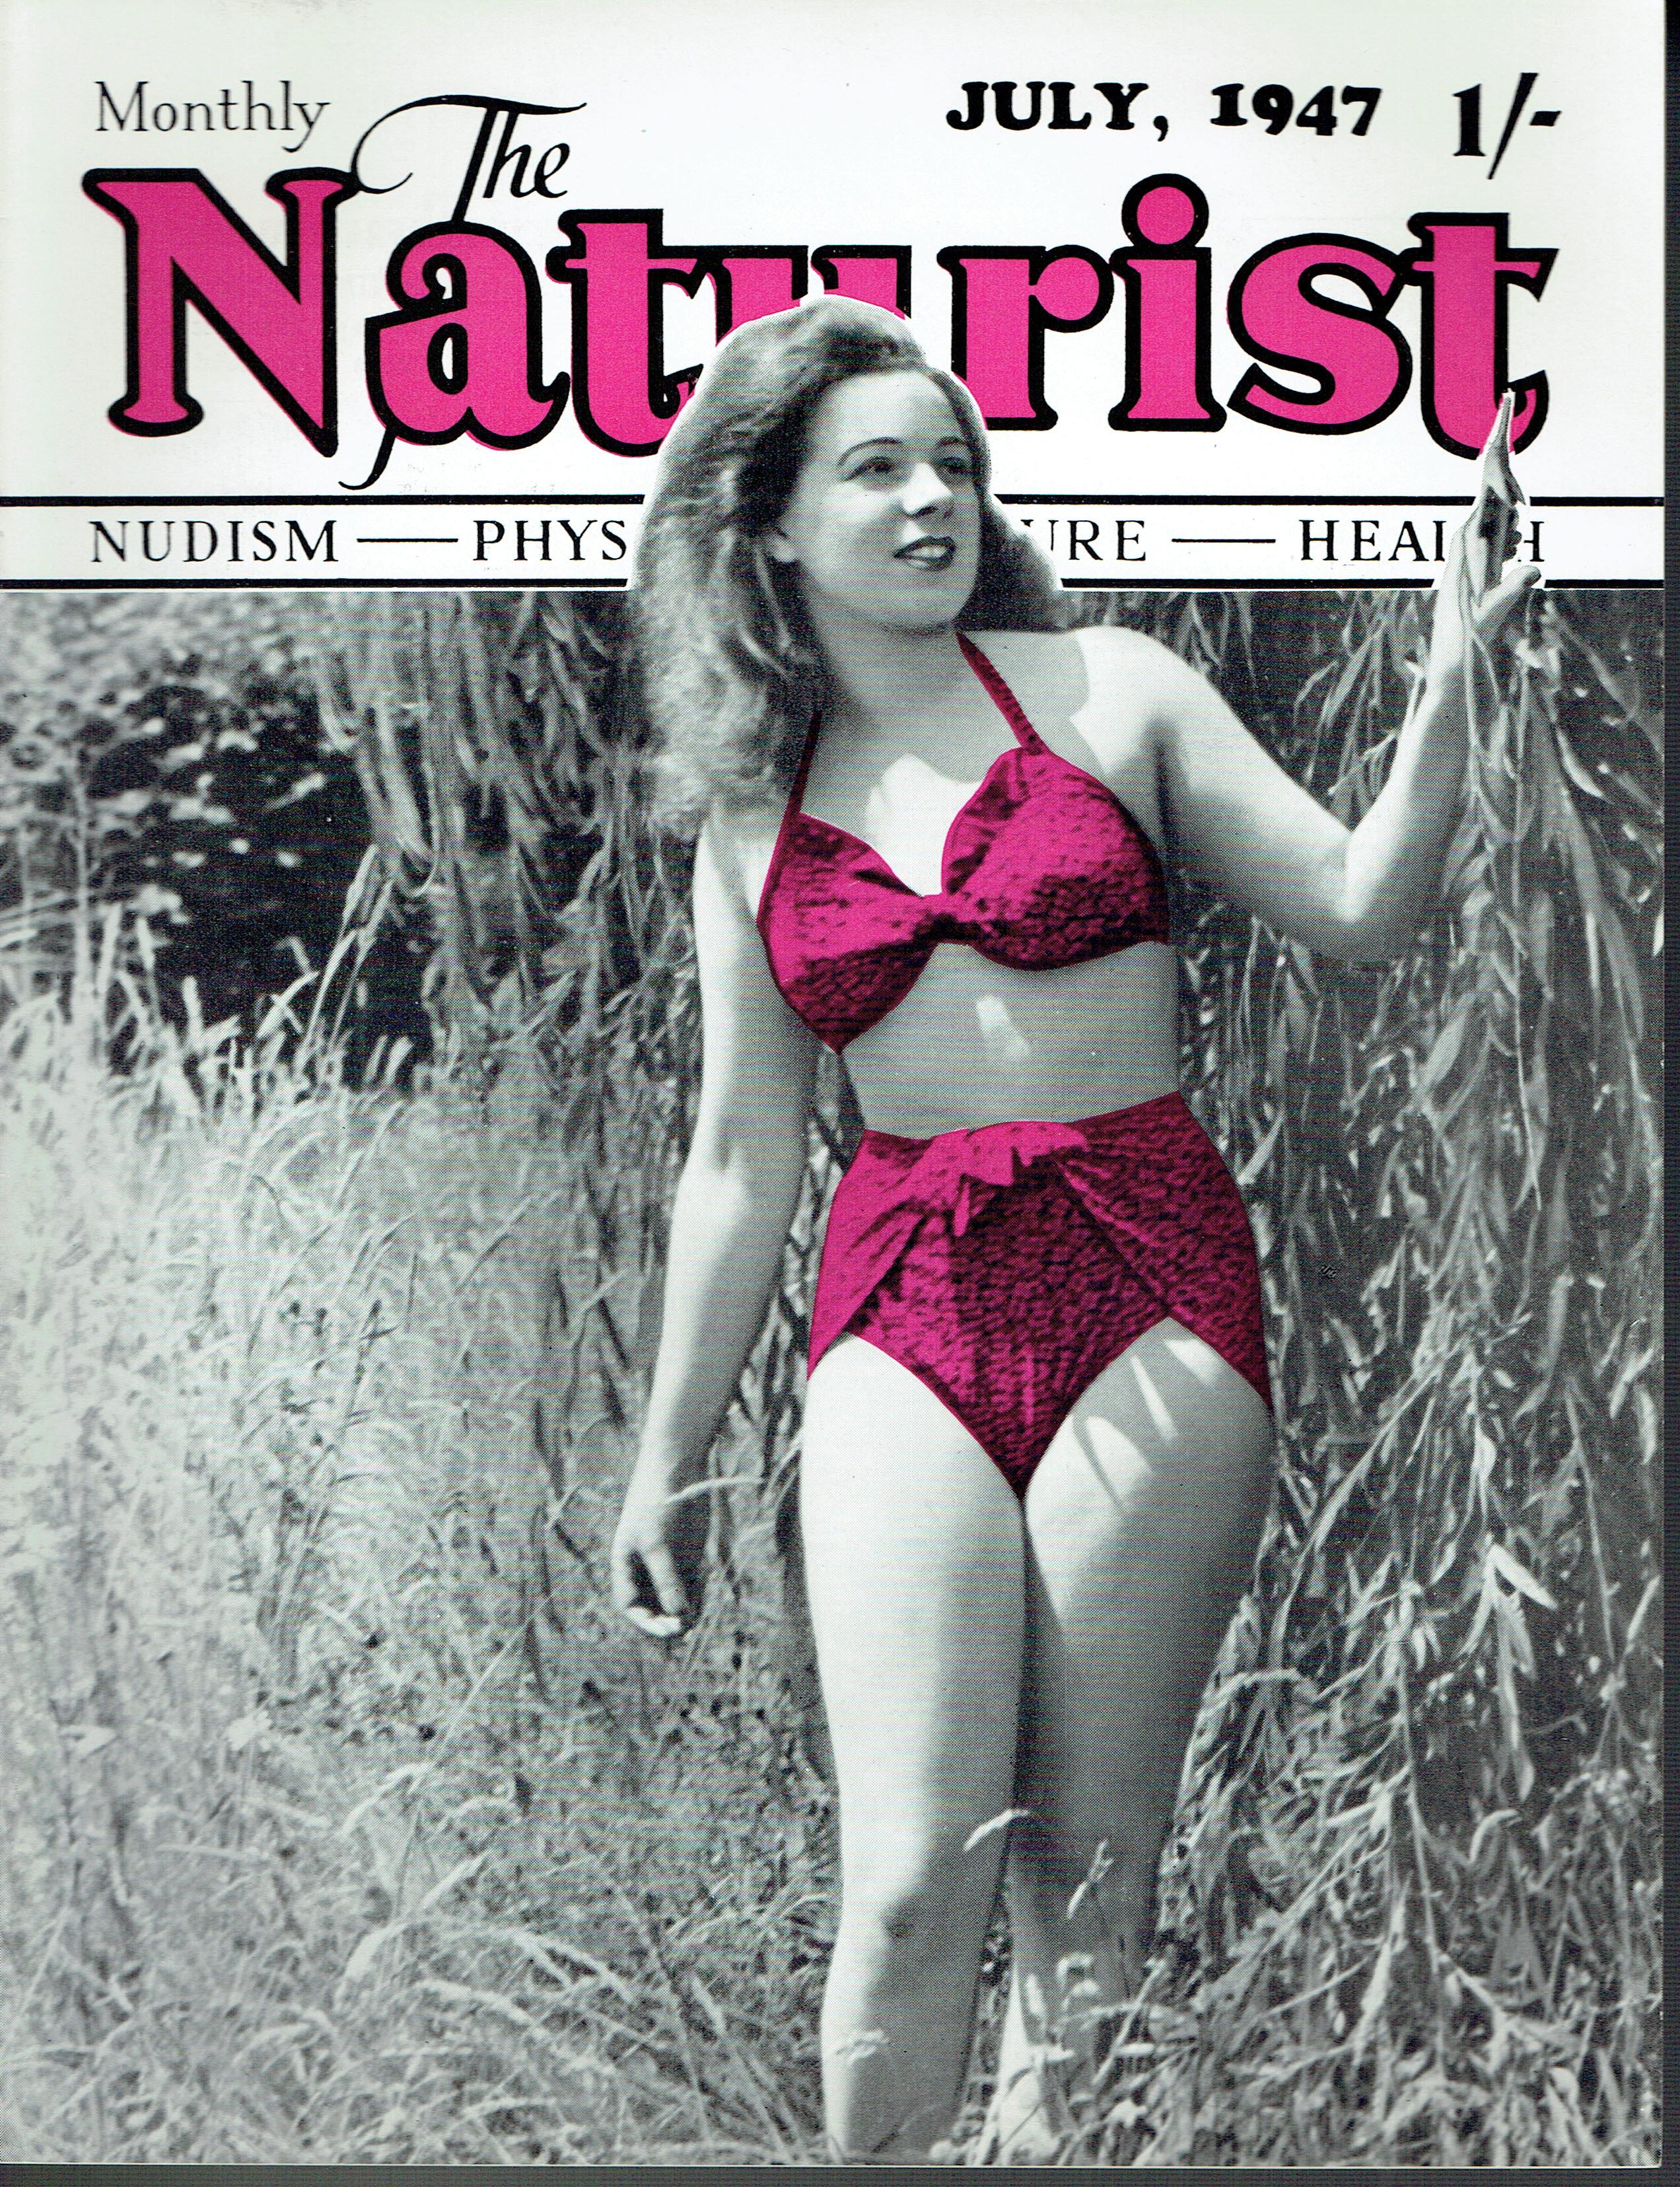 Bring naturism magazine